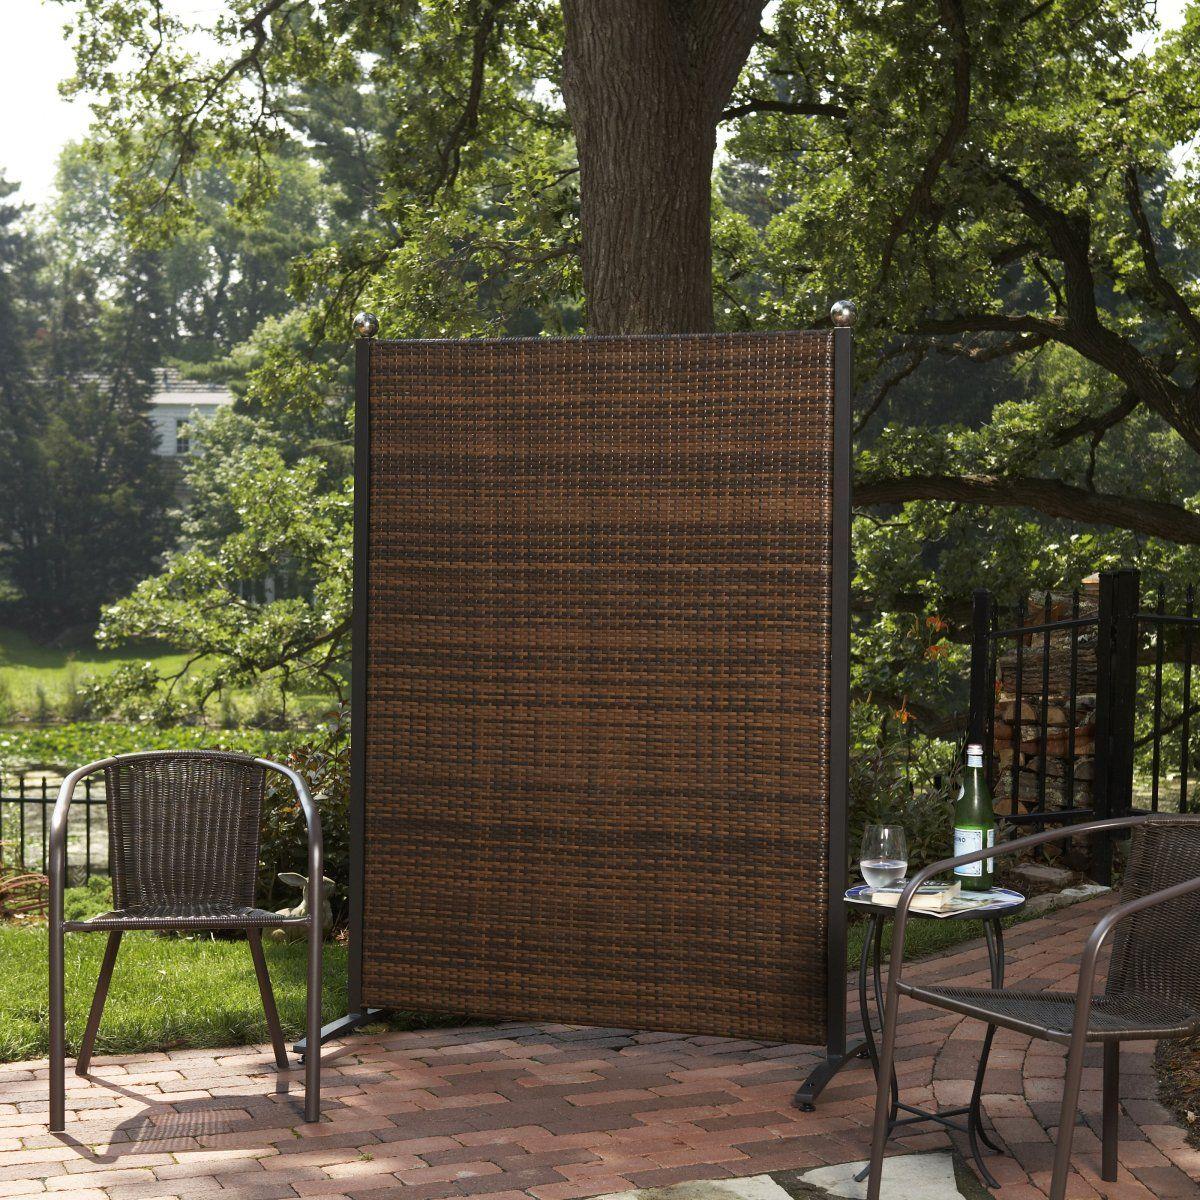 versare outdoor wicker resin room divider outdoor privacy